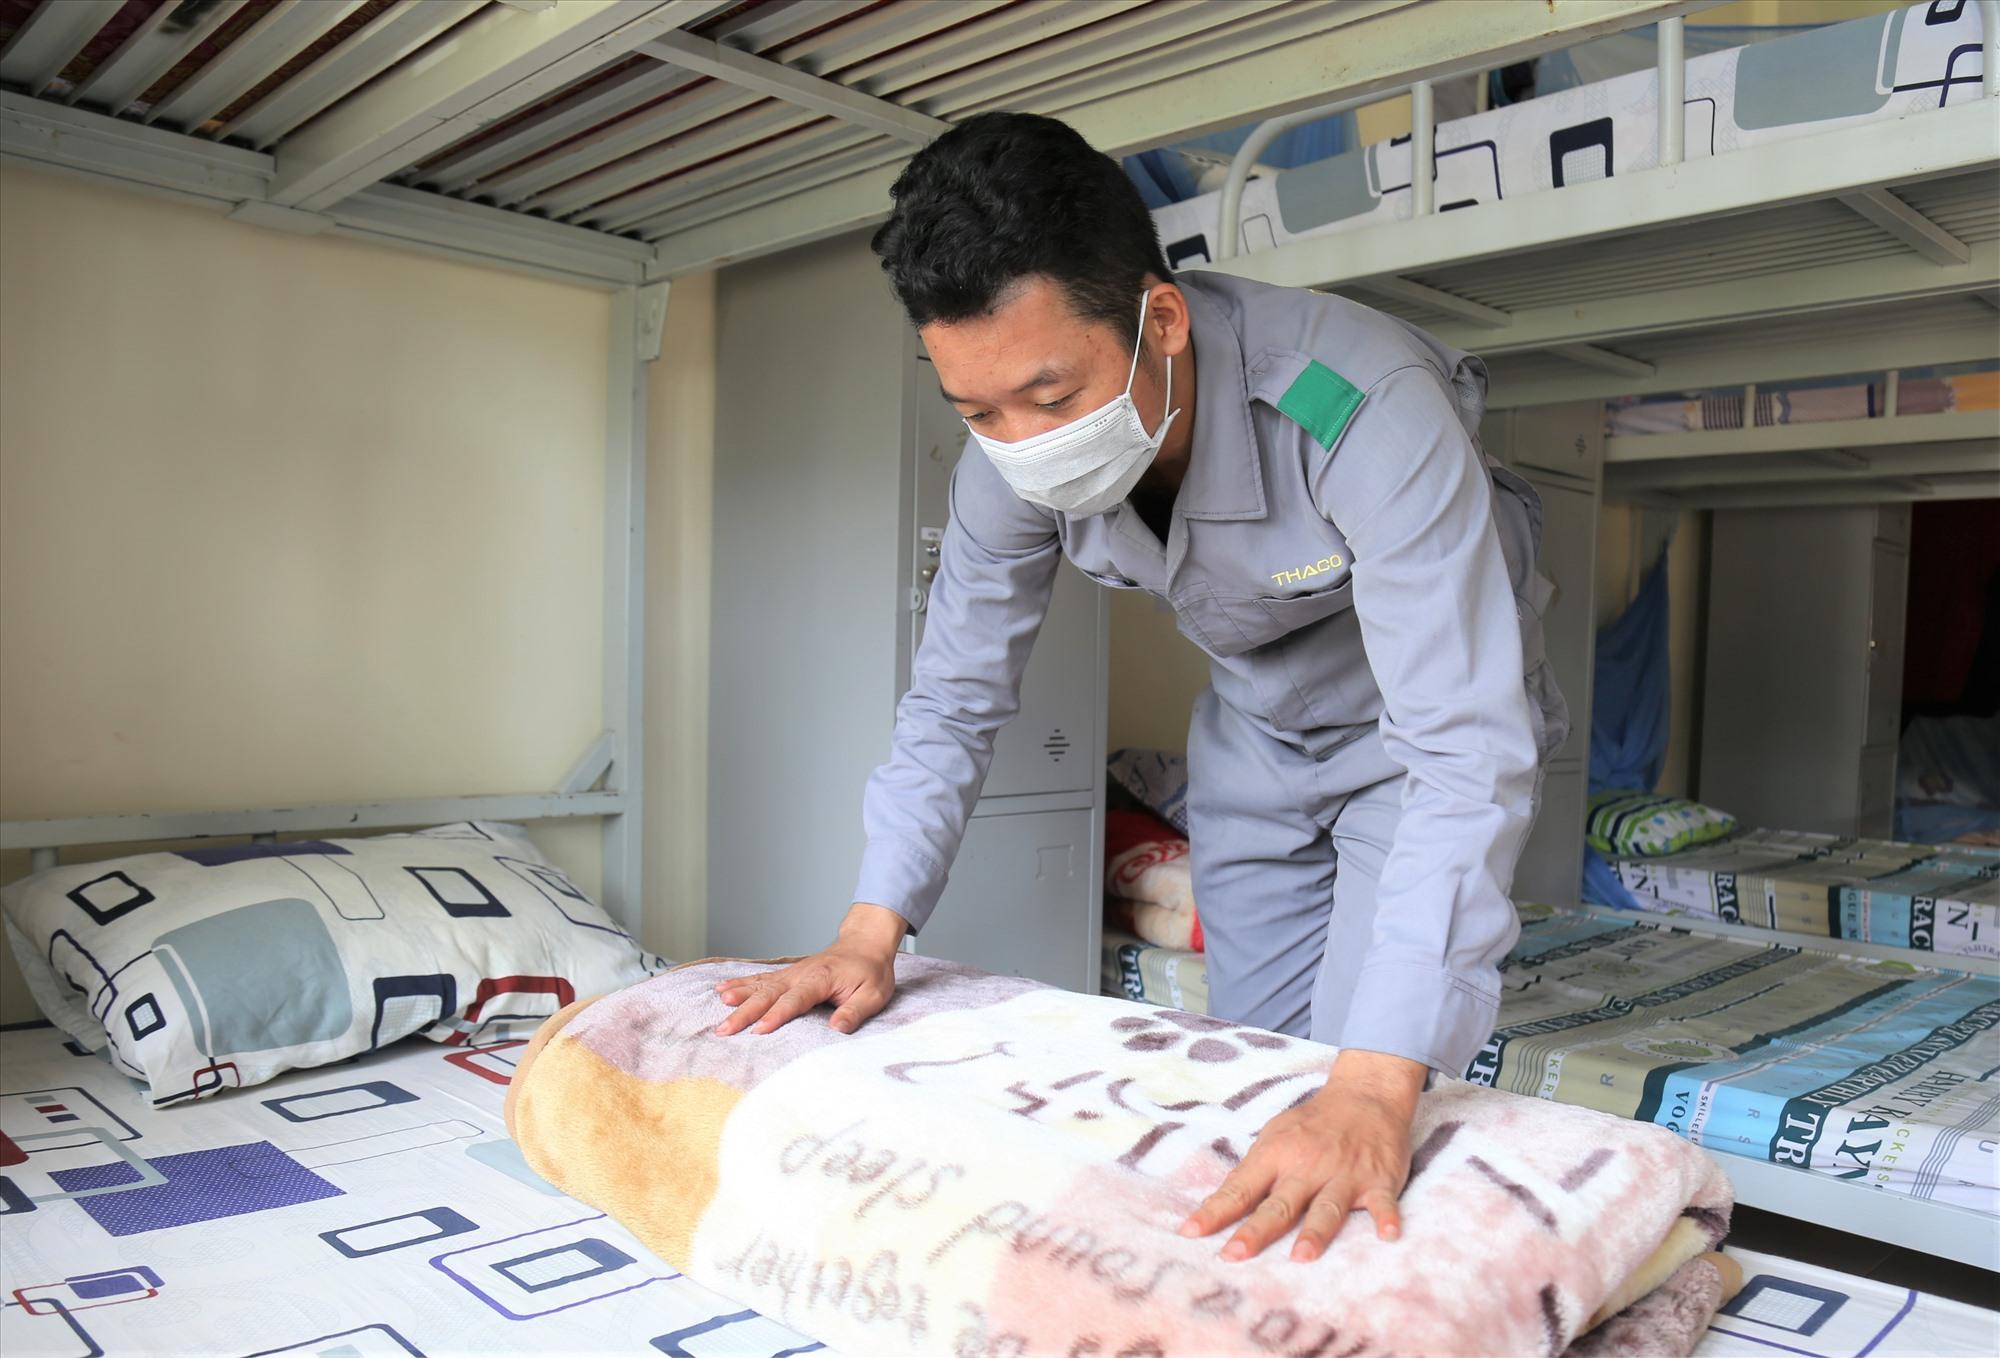 Nhiều doanh nghiệp đã bố trí chỗ ở cho lao động của mình. Trong ảnh, Thaco Trường Hải đã sắp xếp chỗ lưu trú cho công nhân tại tỉnh Quảng Ngãi và Tp. Đà Nẵng.